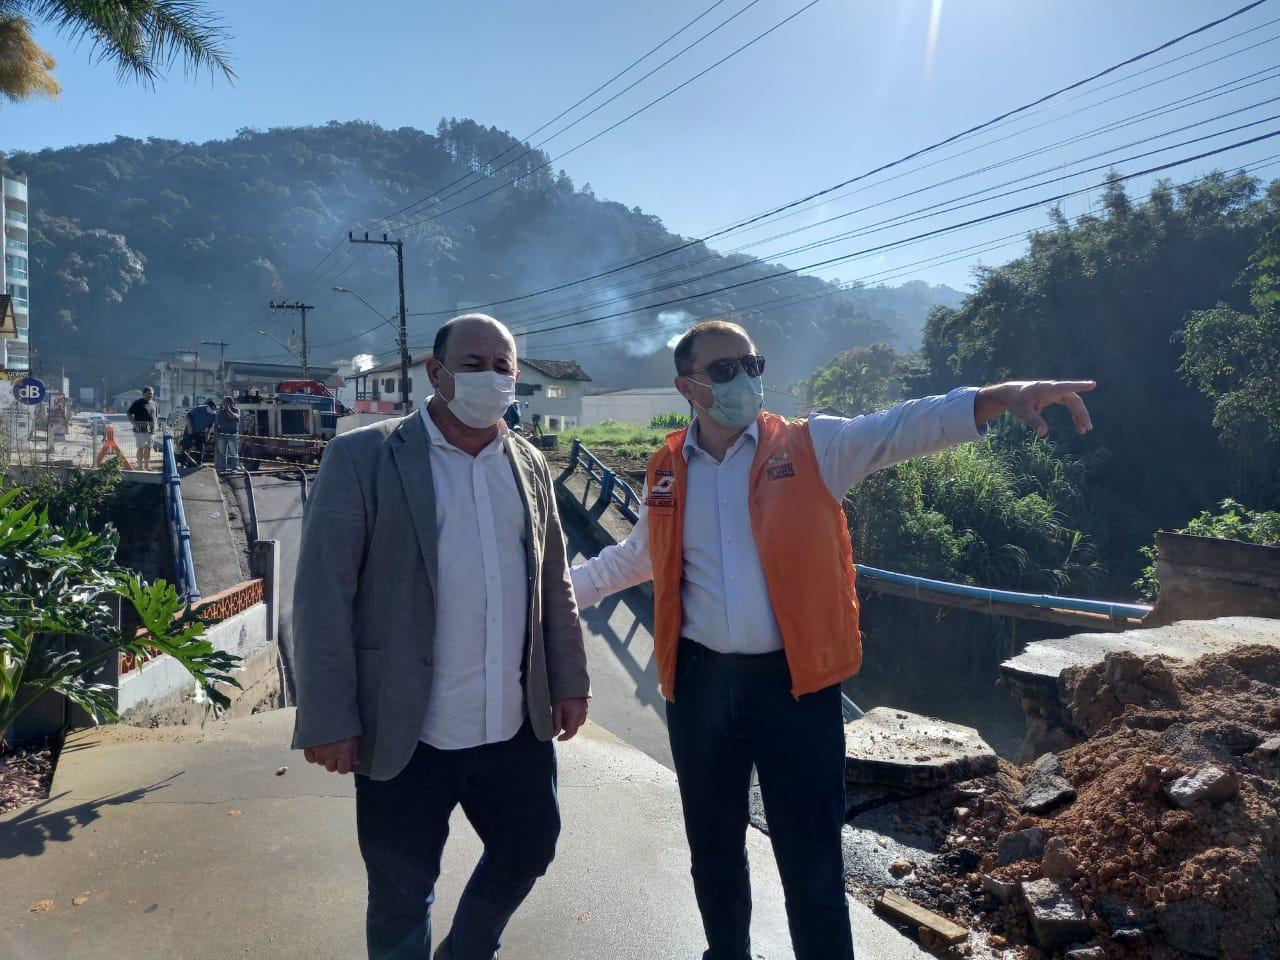 Governador Carlos Moisés visita ponte que desabou no bairro Guarani, em Brusque - Secom Brusque/Divulgação